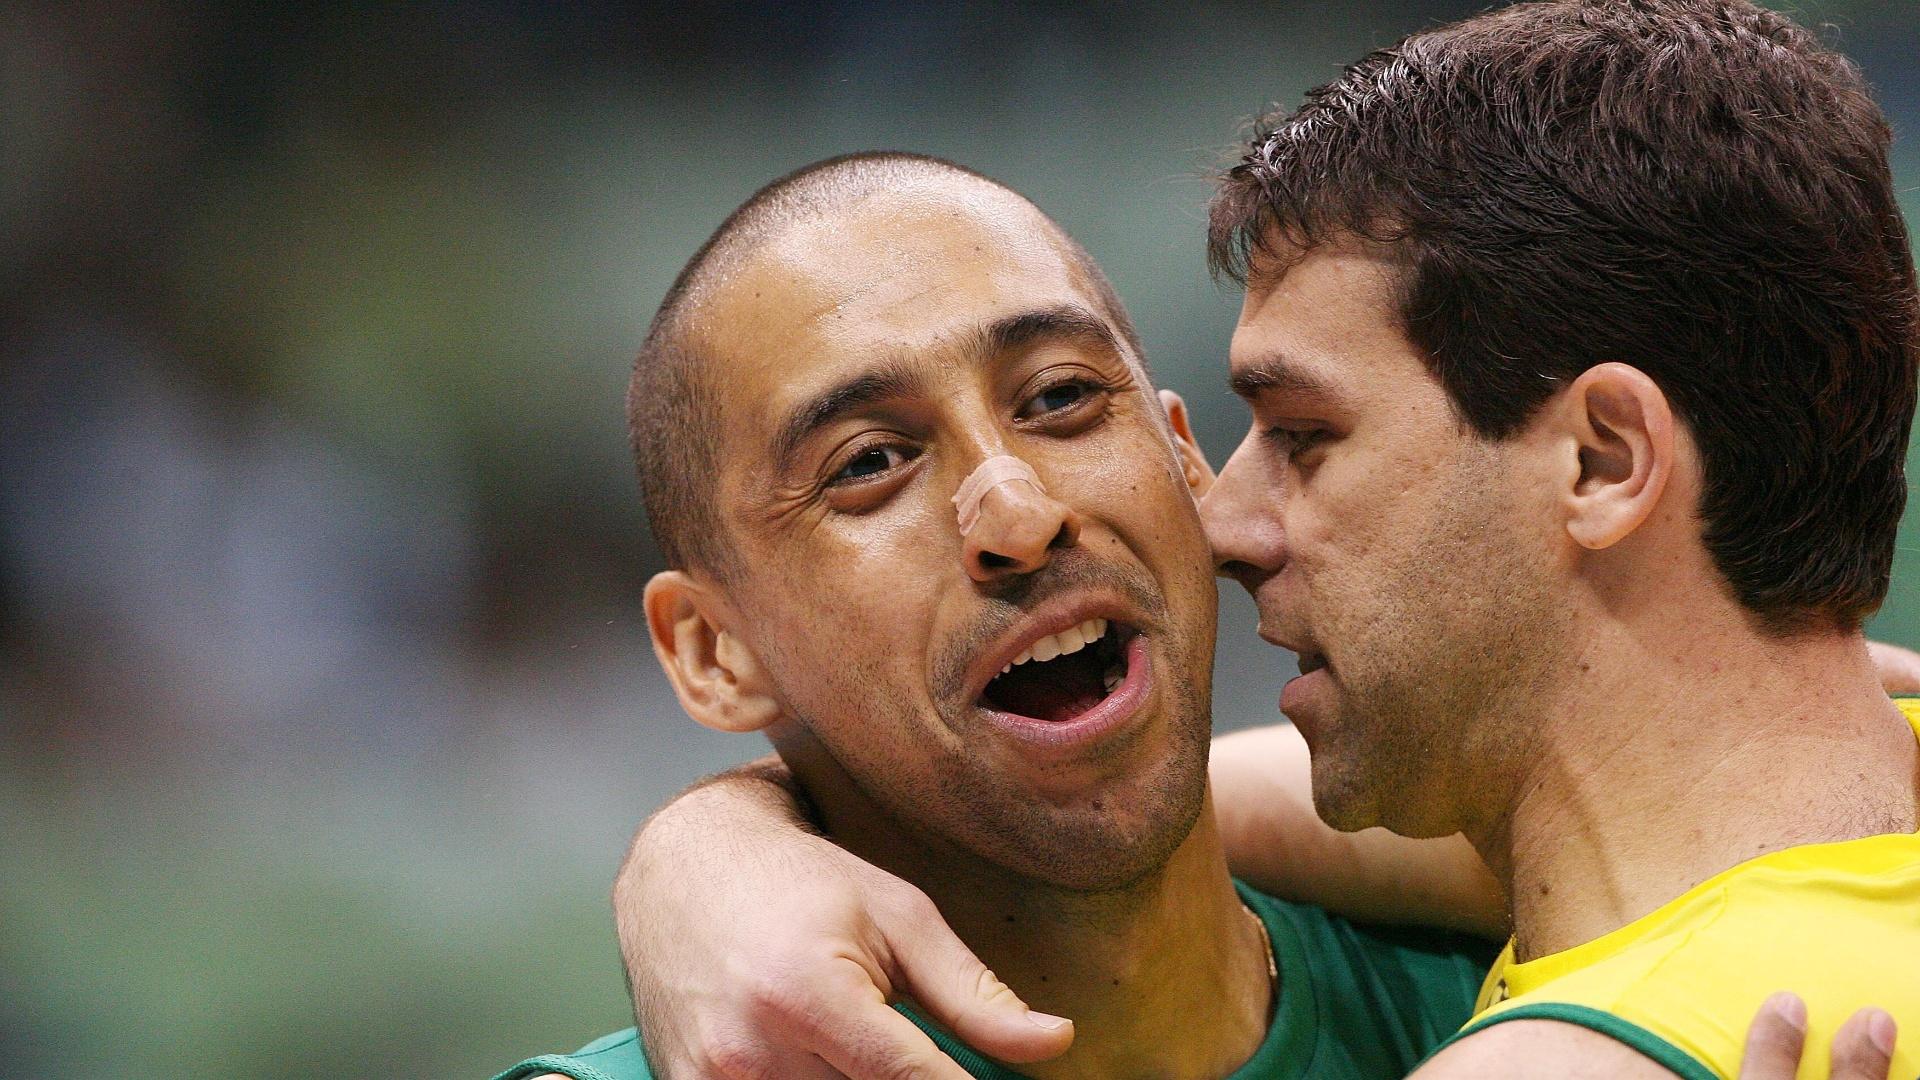 Marcelinho comemora com o líbero Escadinha. Os dois defenderão Sesi-SP na final deste domingo